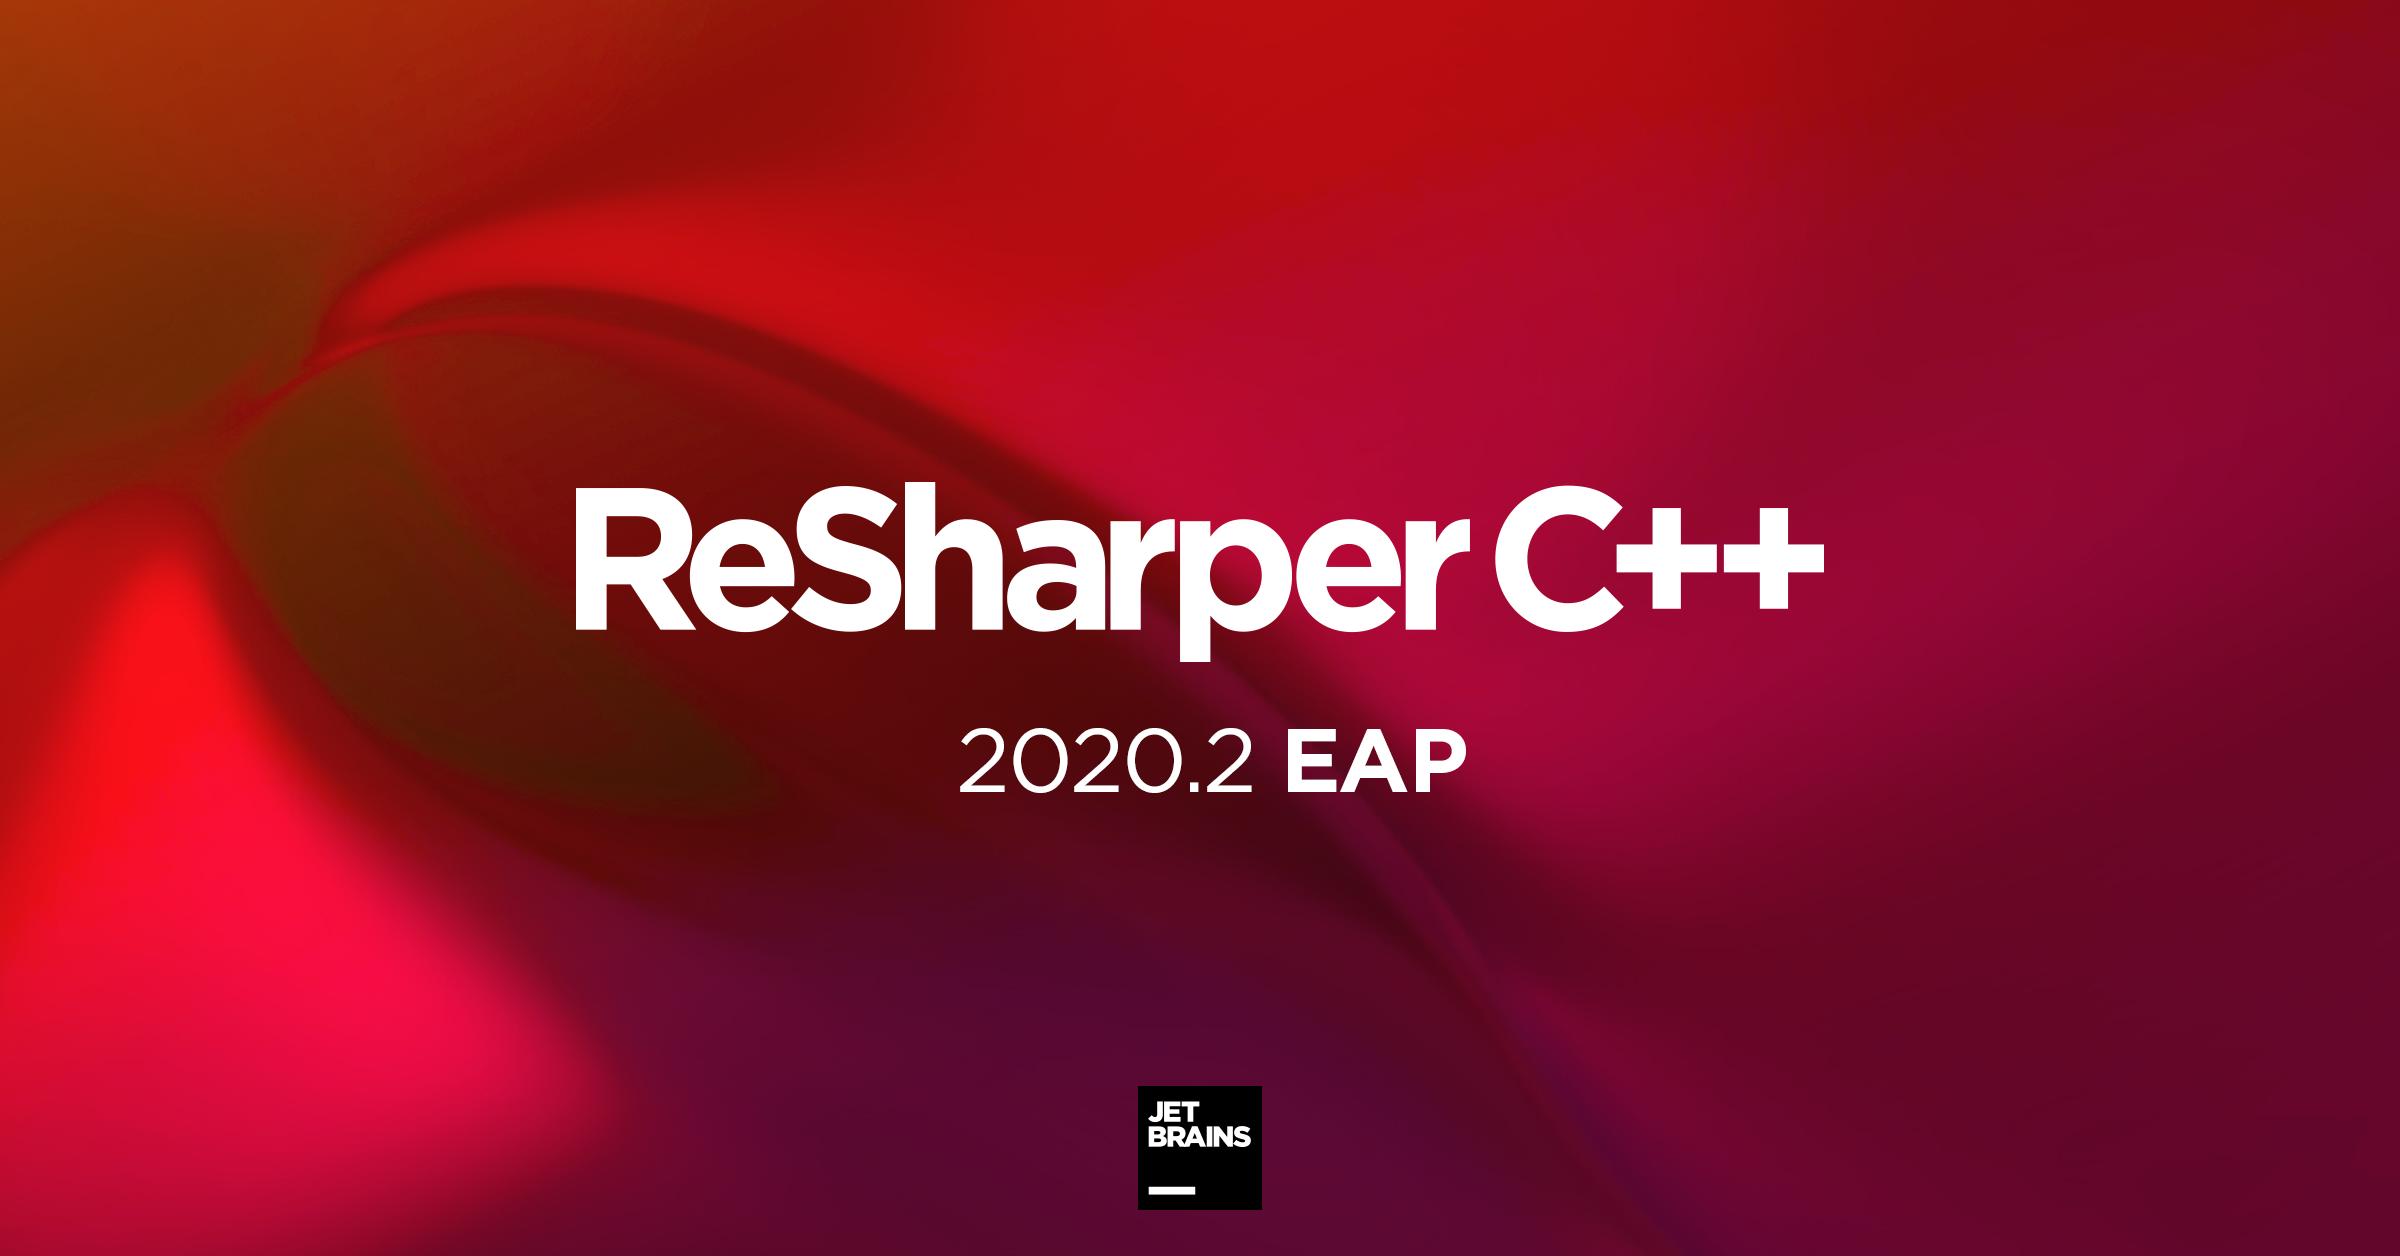 ReSharper C++ 2020.2 EAP